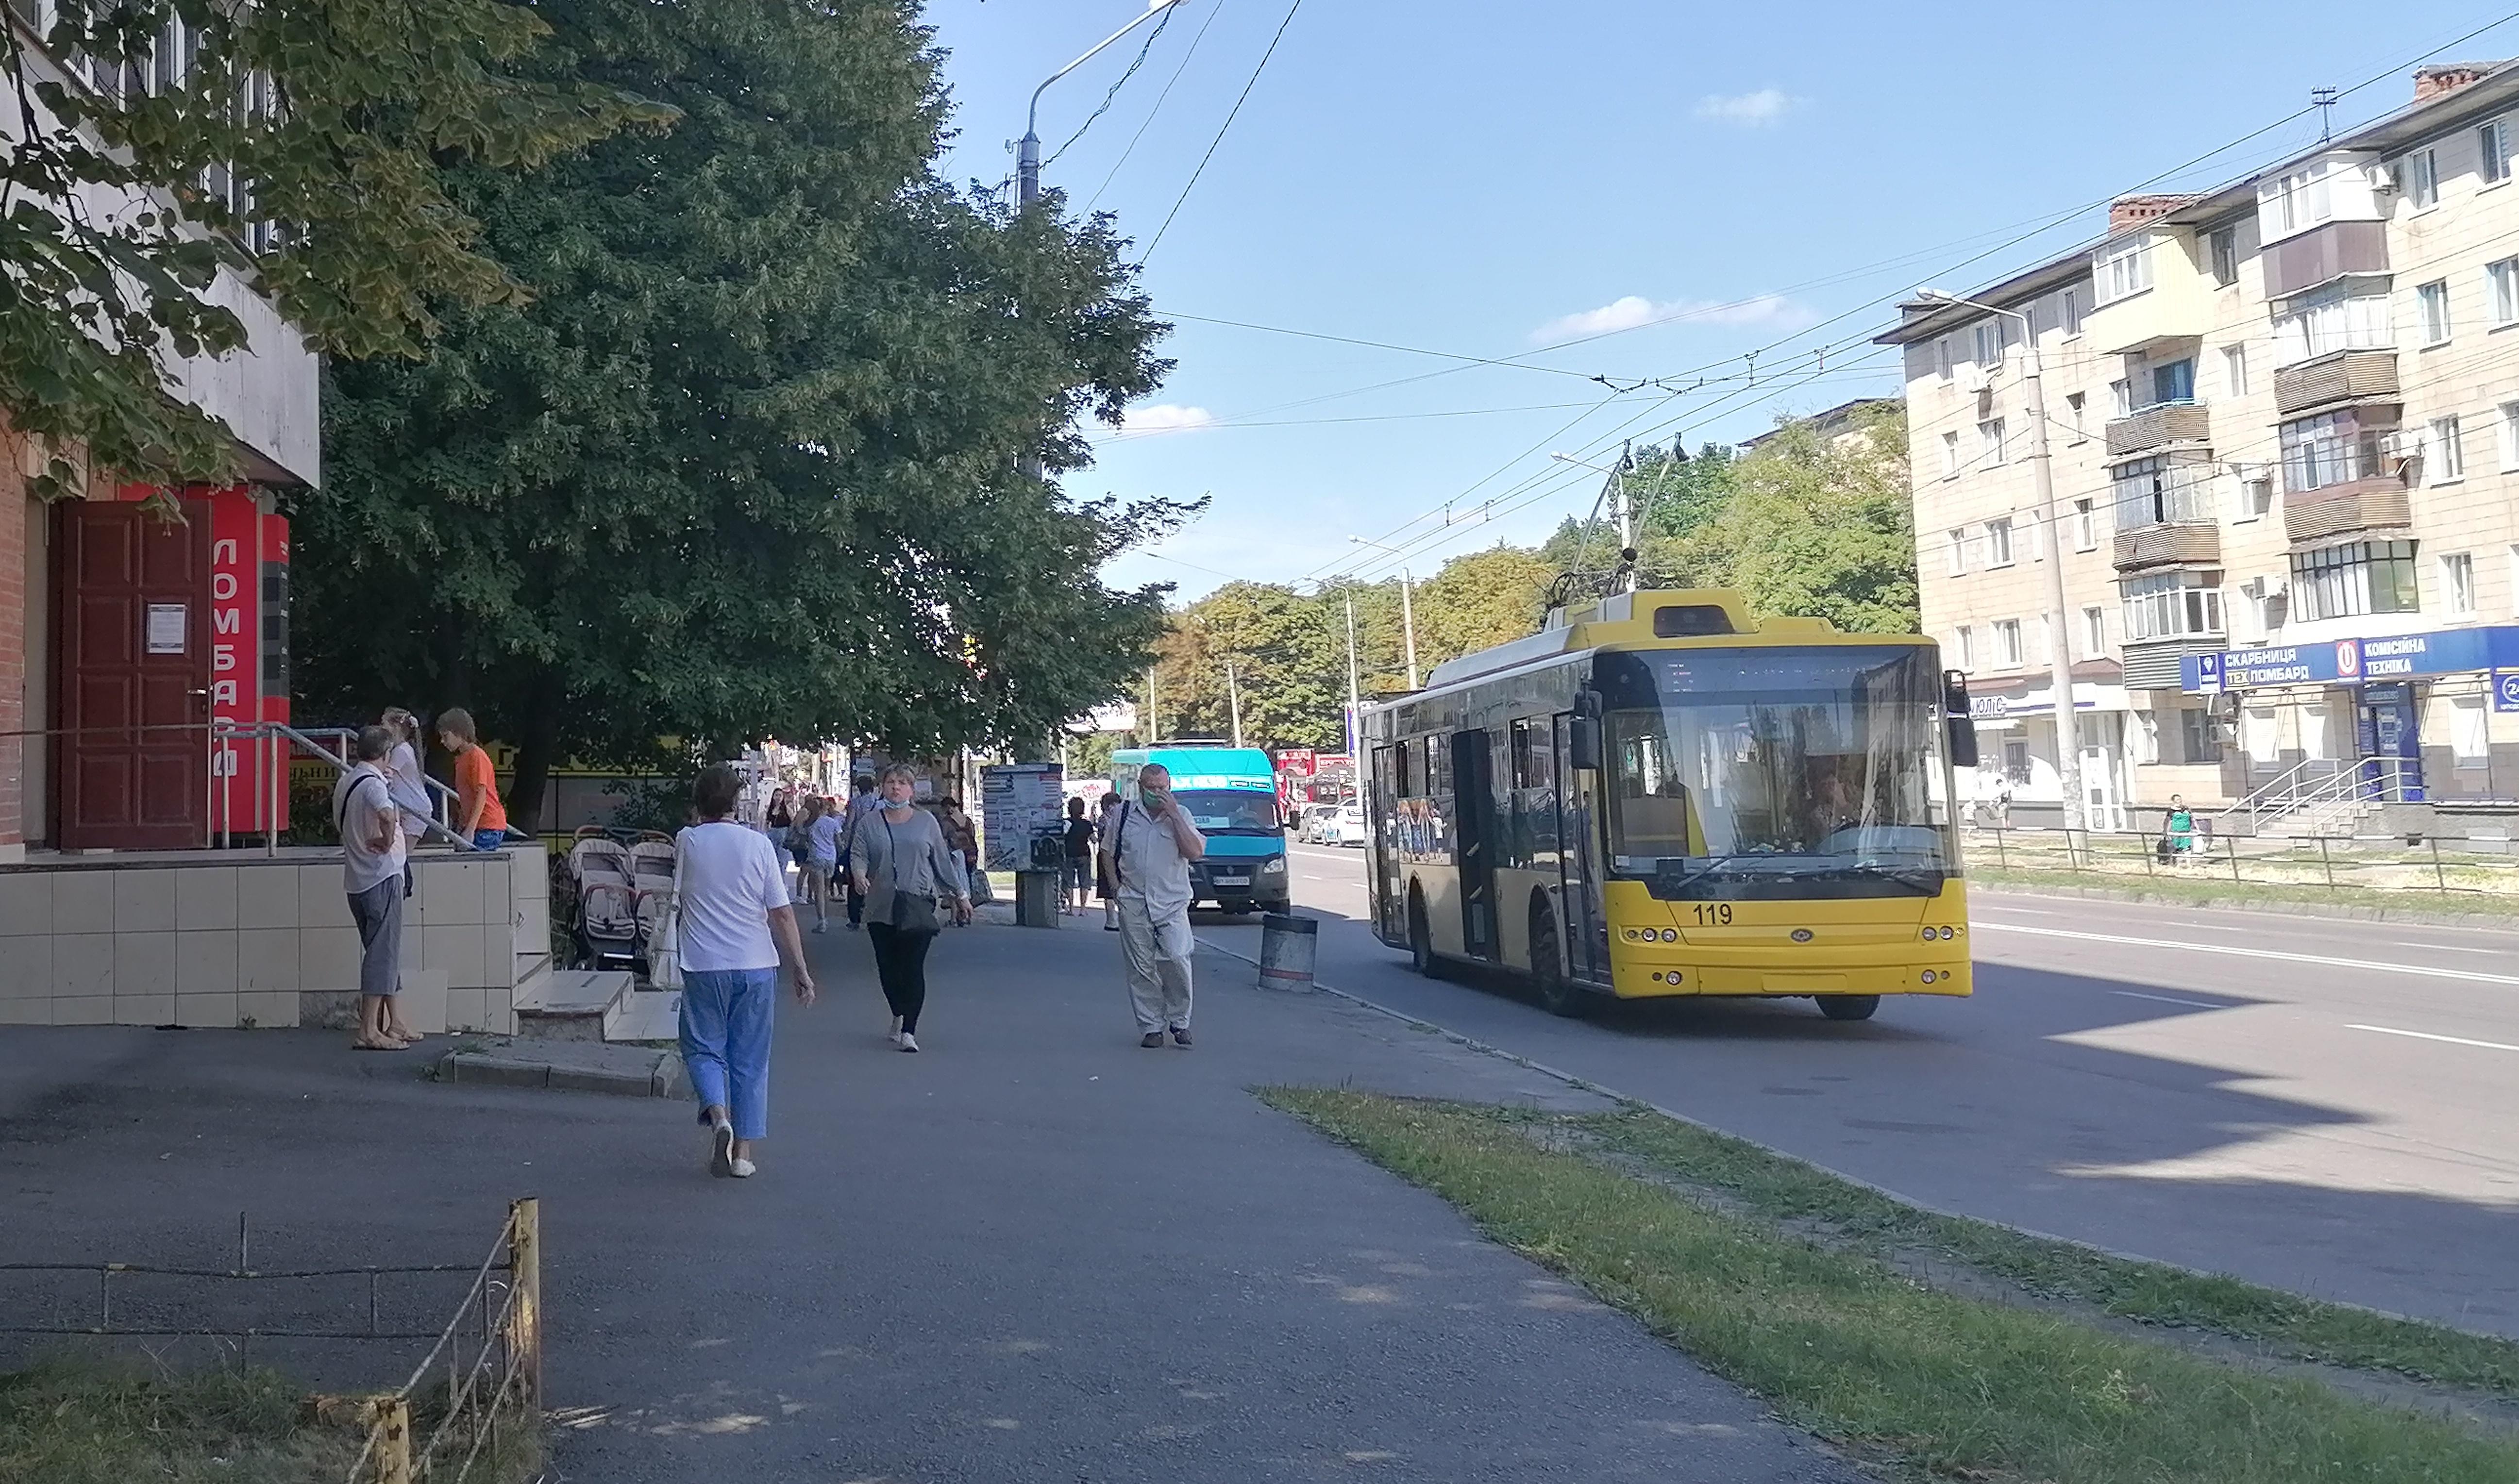 В Полтаве обнародовали перечень льготников, которые могут бесплатно ездить в городском коммунальном транспорте